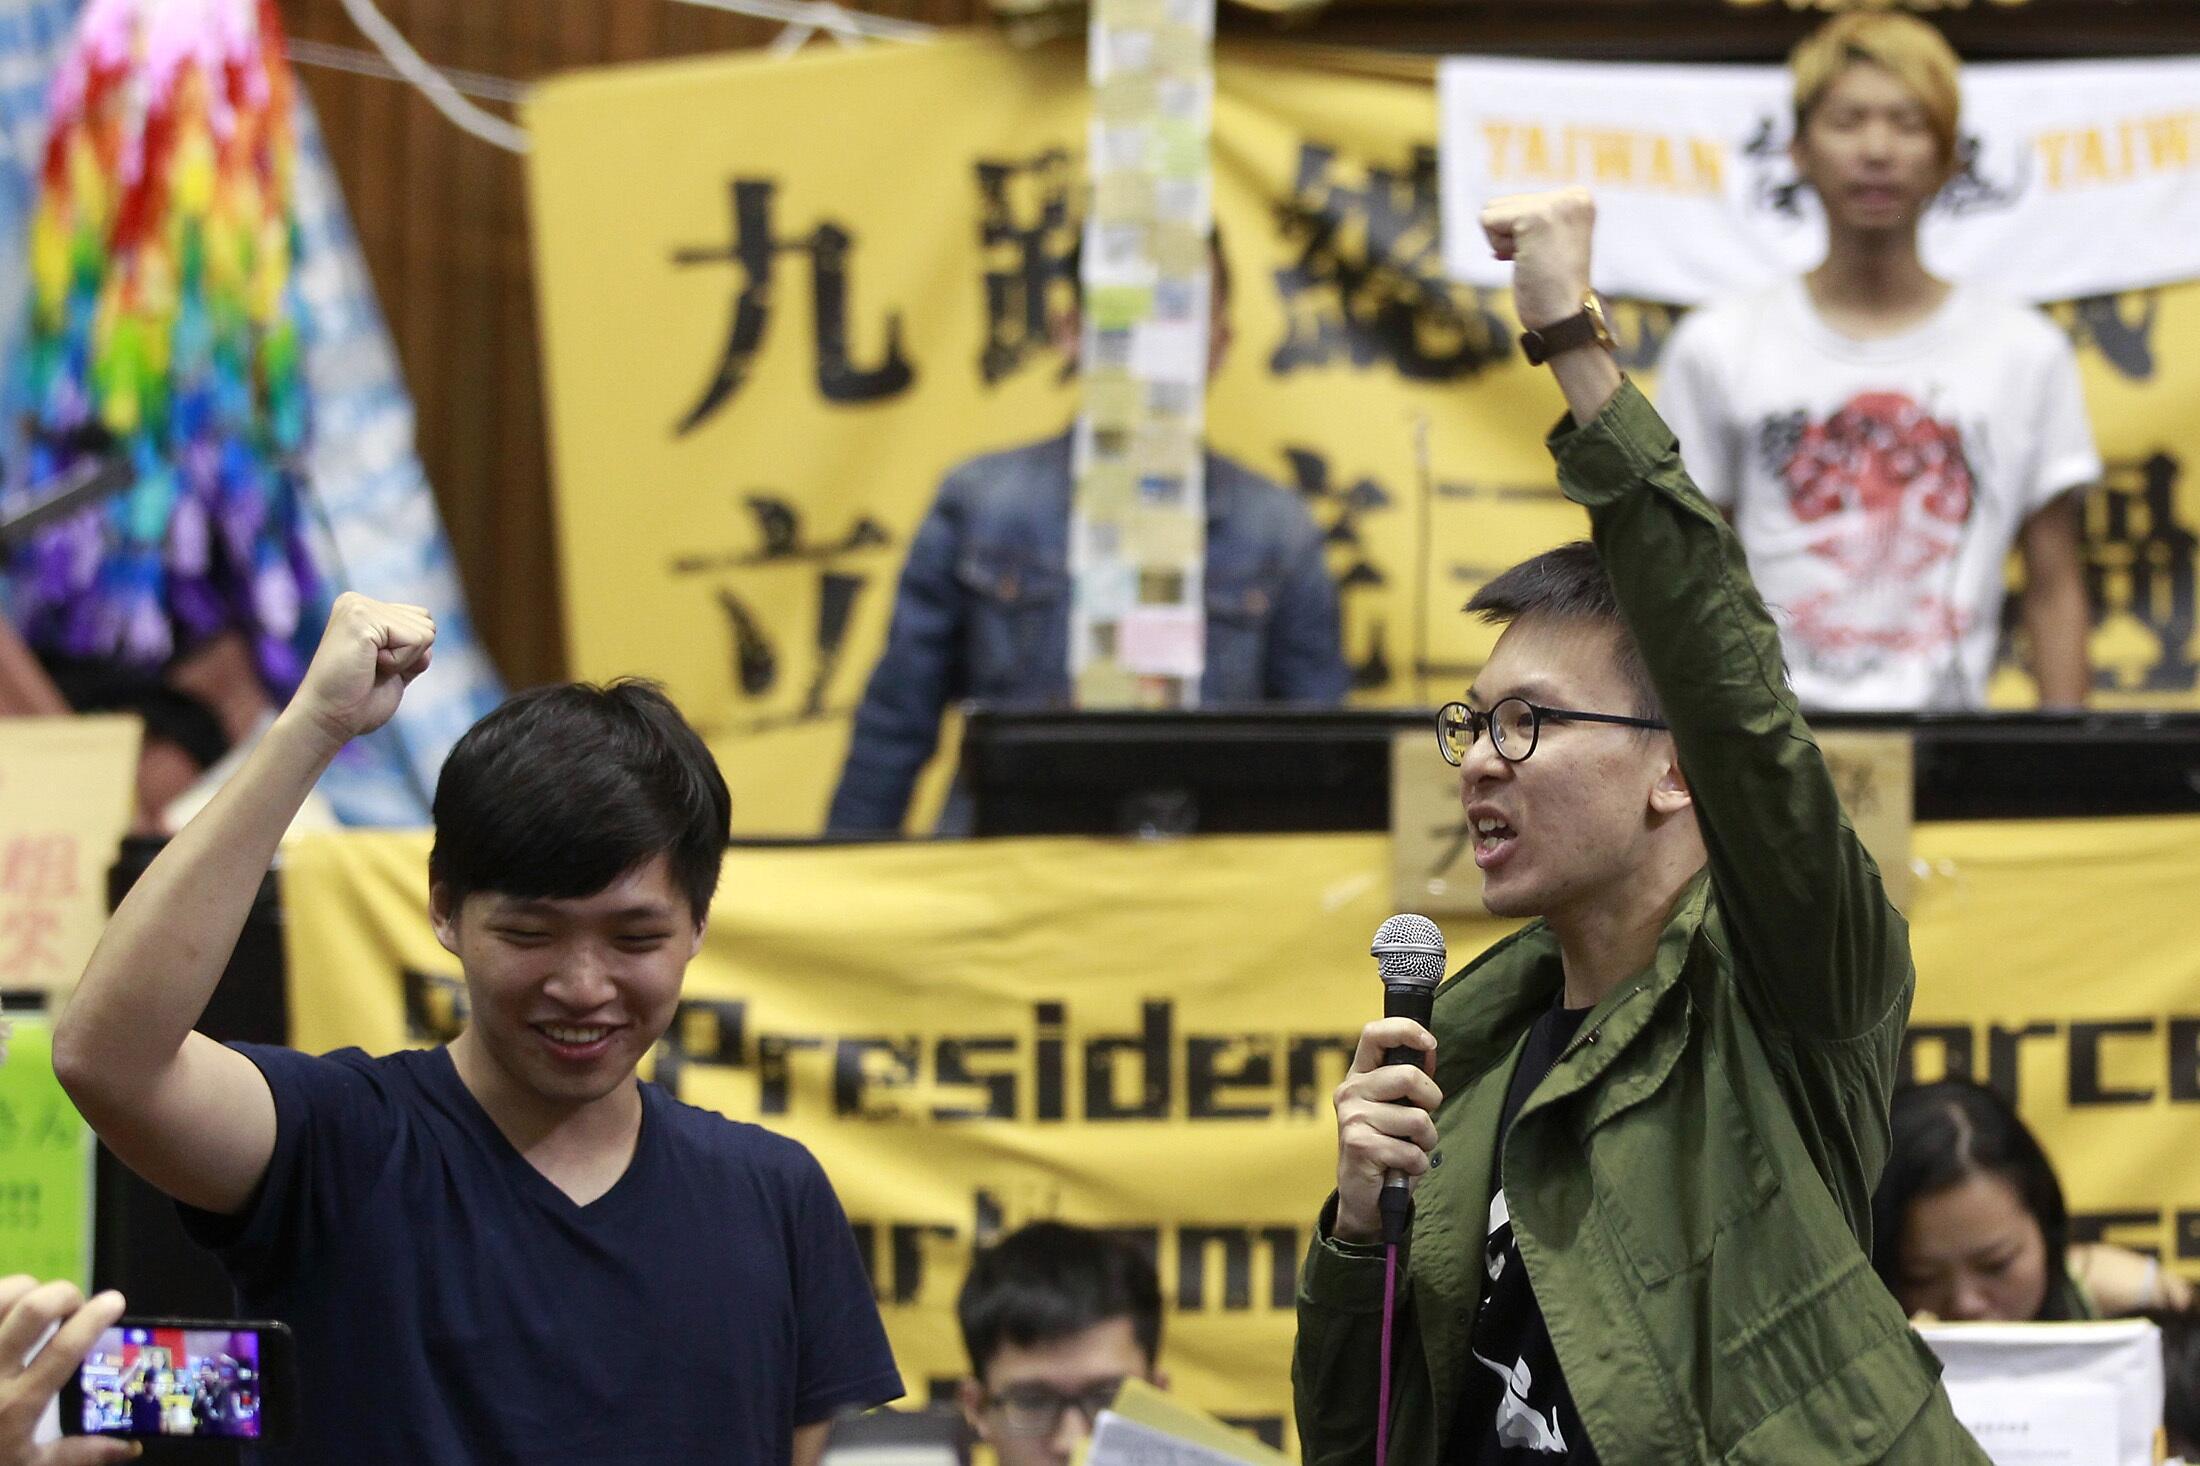 太阳花运动期间,学生领袖林飞凡(R)和陈维婷在在台湾立法院内高呼口号。